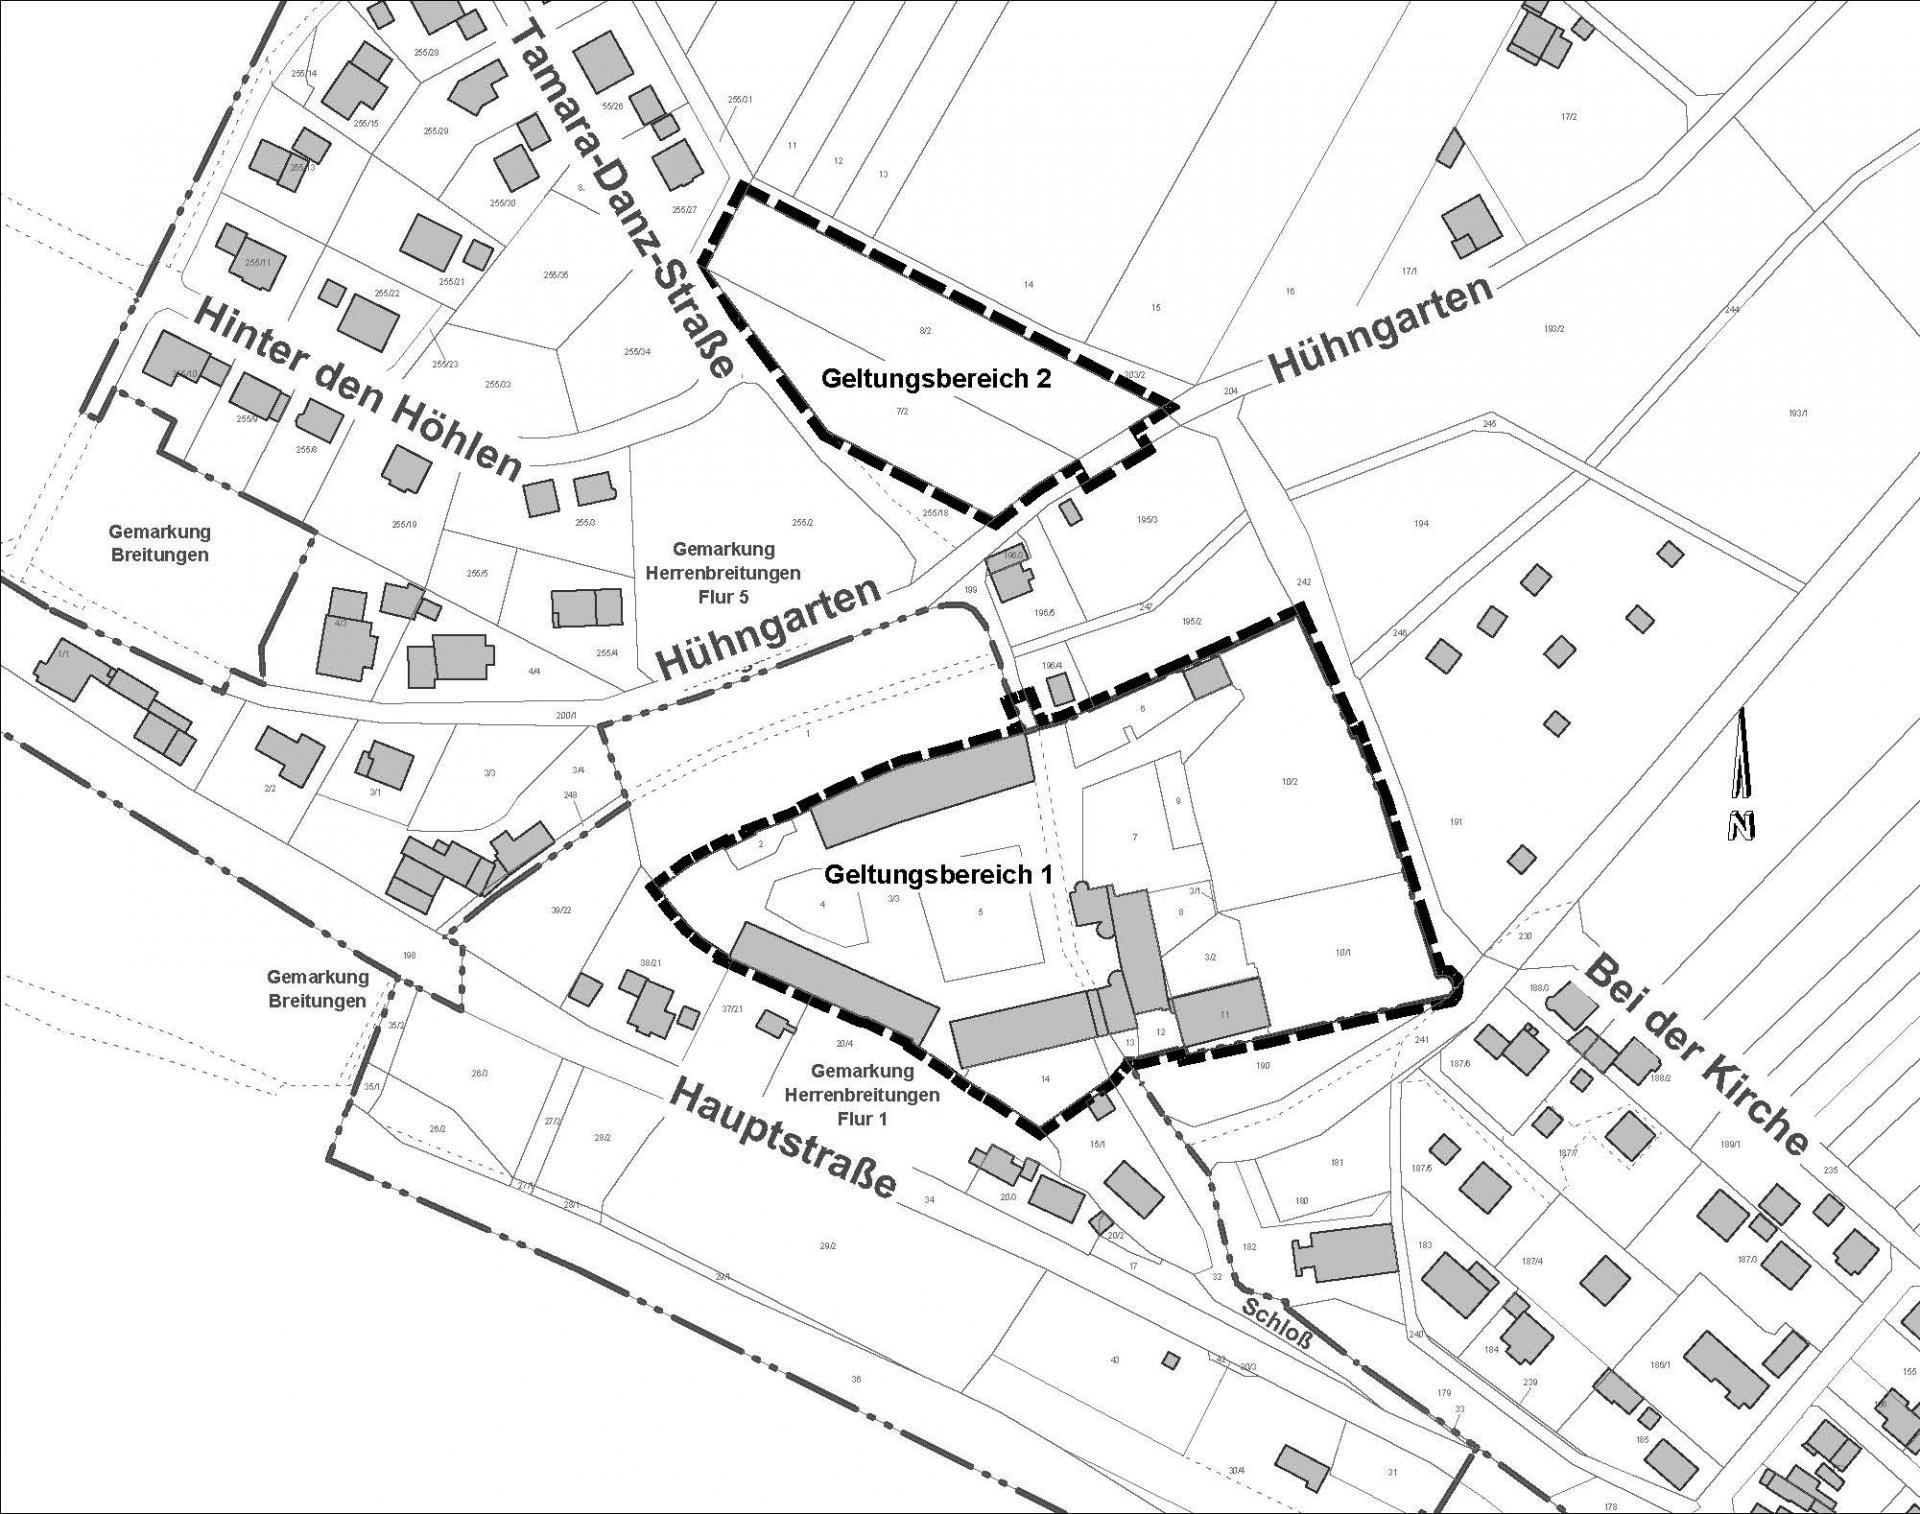 Lageplan zu den Geltungsbereichen 1 und 2